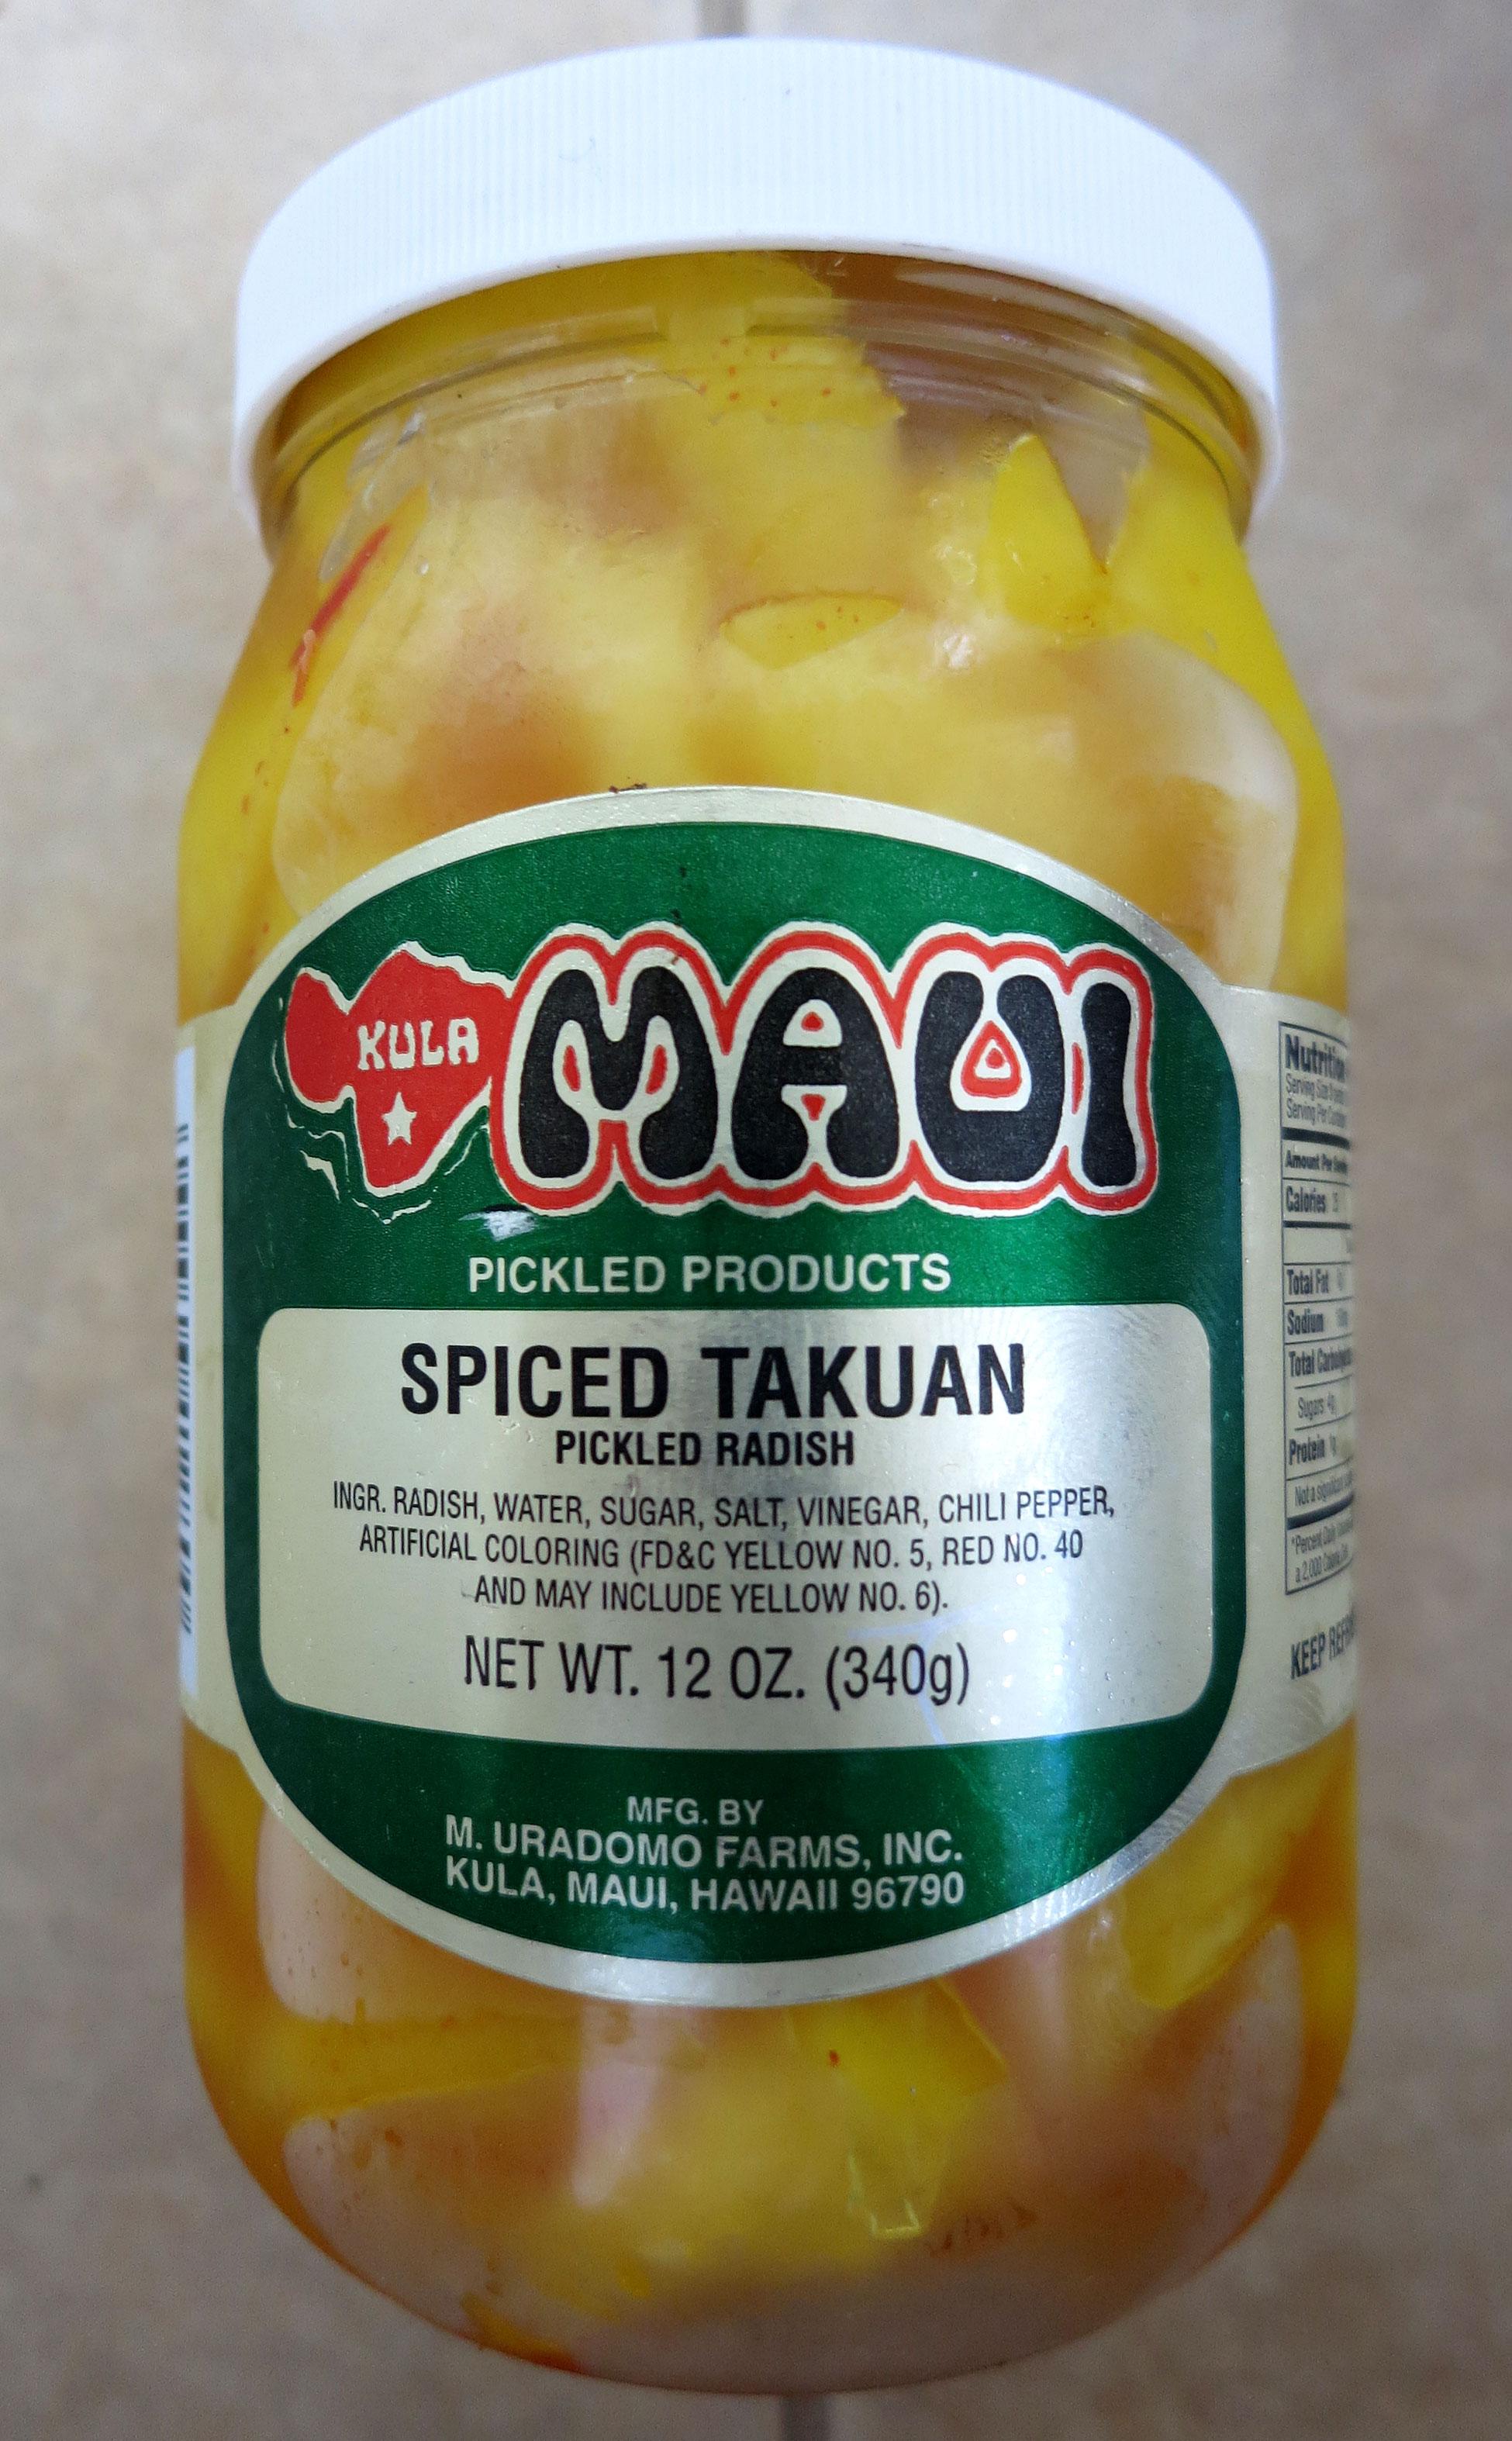 Spiced Maui Takuan